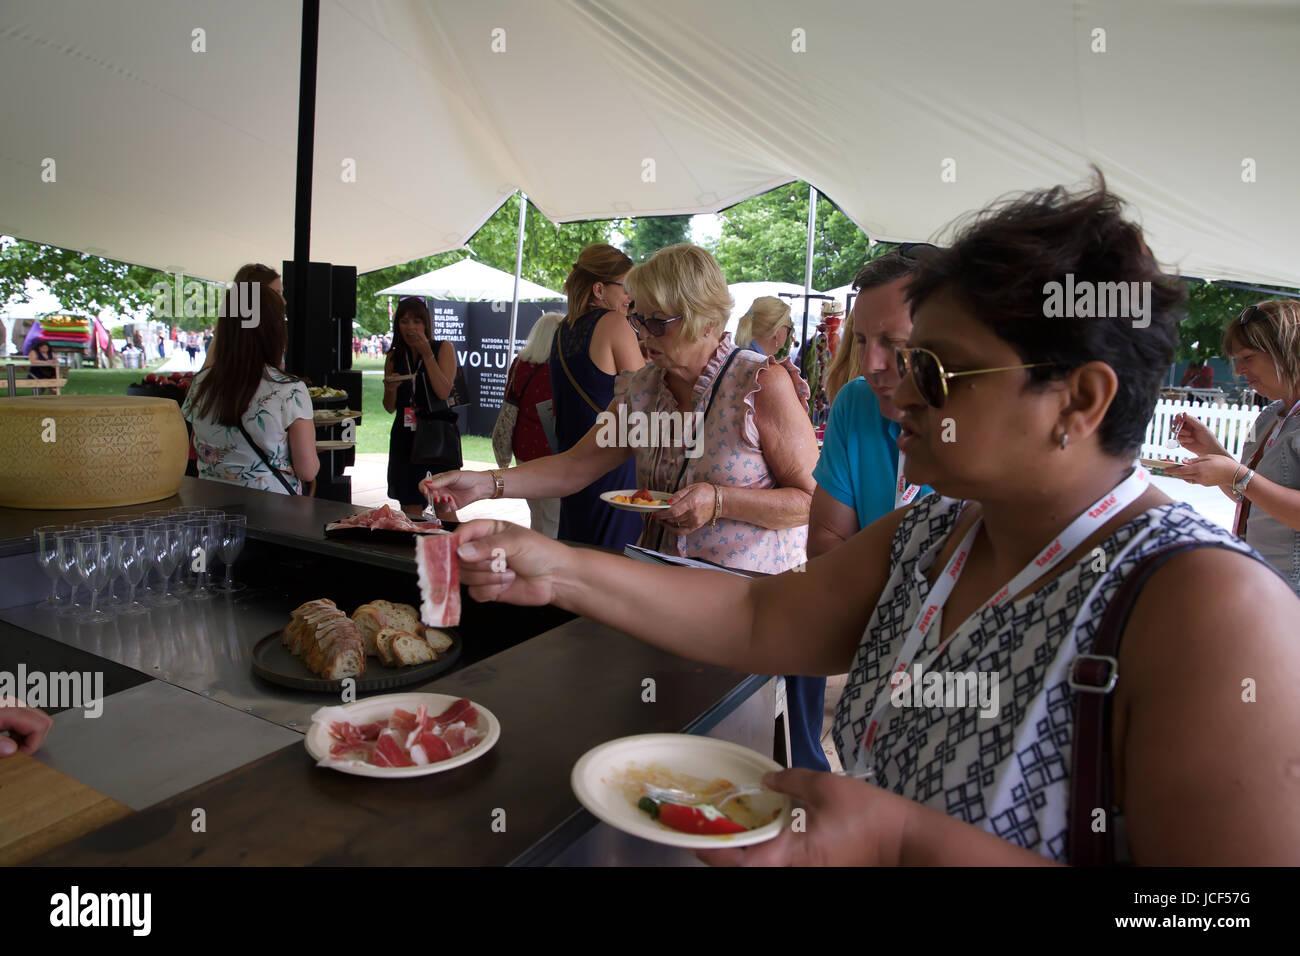 London,UK,15 juin 2017,Goût de Londres a lieu à Regents Park. Goût de Londres est la vitrine des meilleurs restaurants de la capitale, et les grands chefs de file de l'industrie des aliments et boissons marques. Un événement qui a lieu deux fois par année, il y a des démonstrations de cuisine ainsi que des masterclasses interactive. Il court jusqu'au 18 juin 2017©Keith Larby/Alamy Live News Banque D'Images